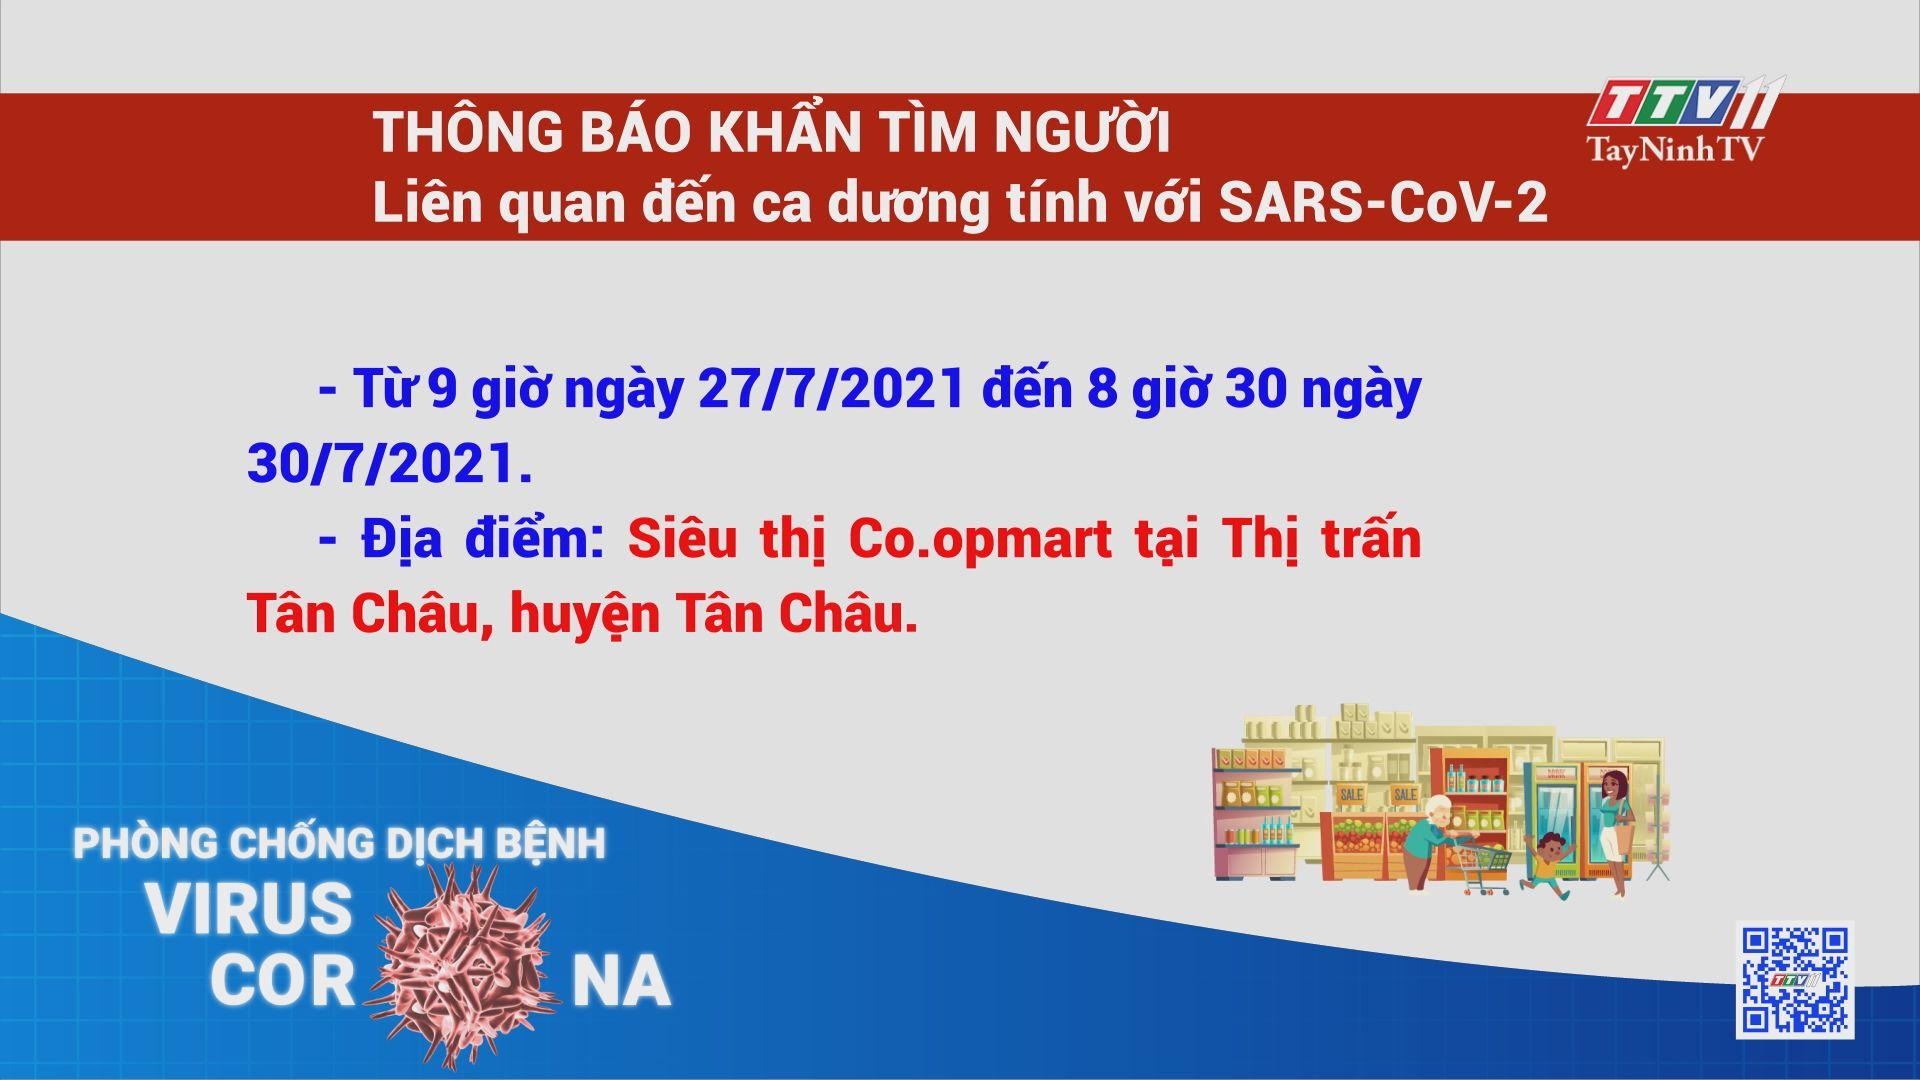 THÔNG BÁO KHẨN TÌM NGƯỜI - Liên quan đến ca dương tính với SARS-CoV-2 | TayNinhTV